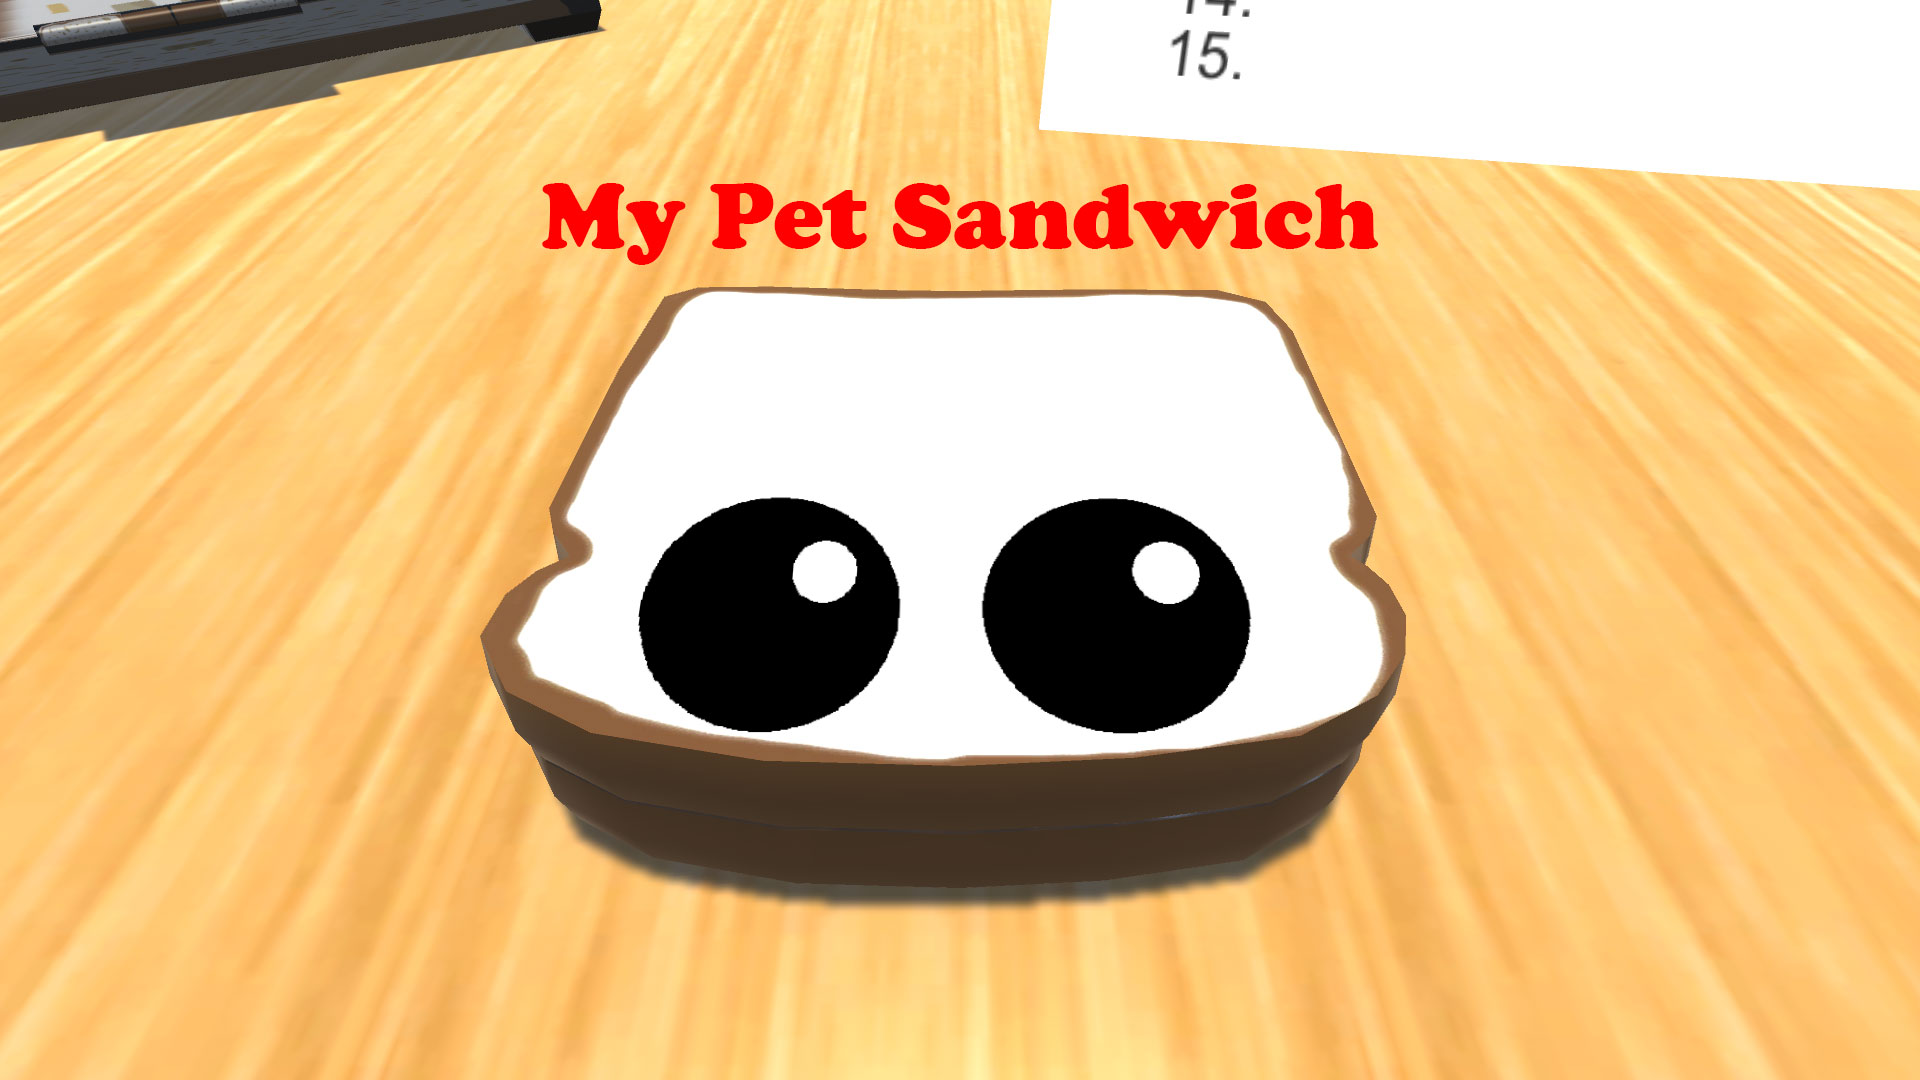 My Pet Sandwich